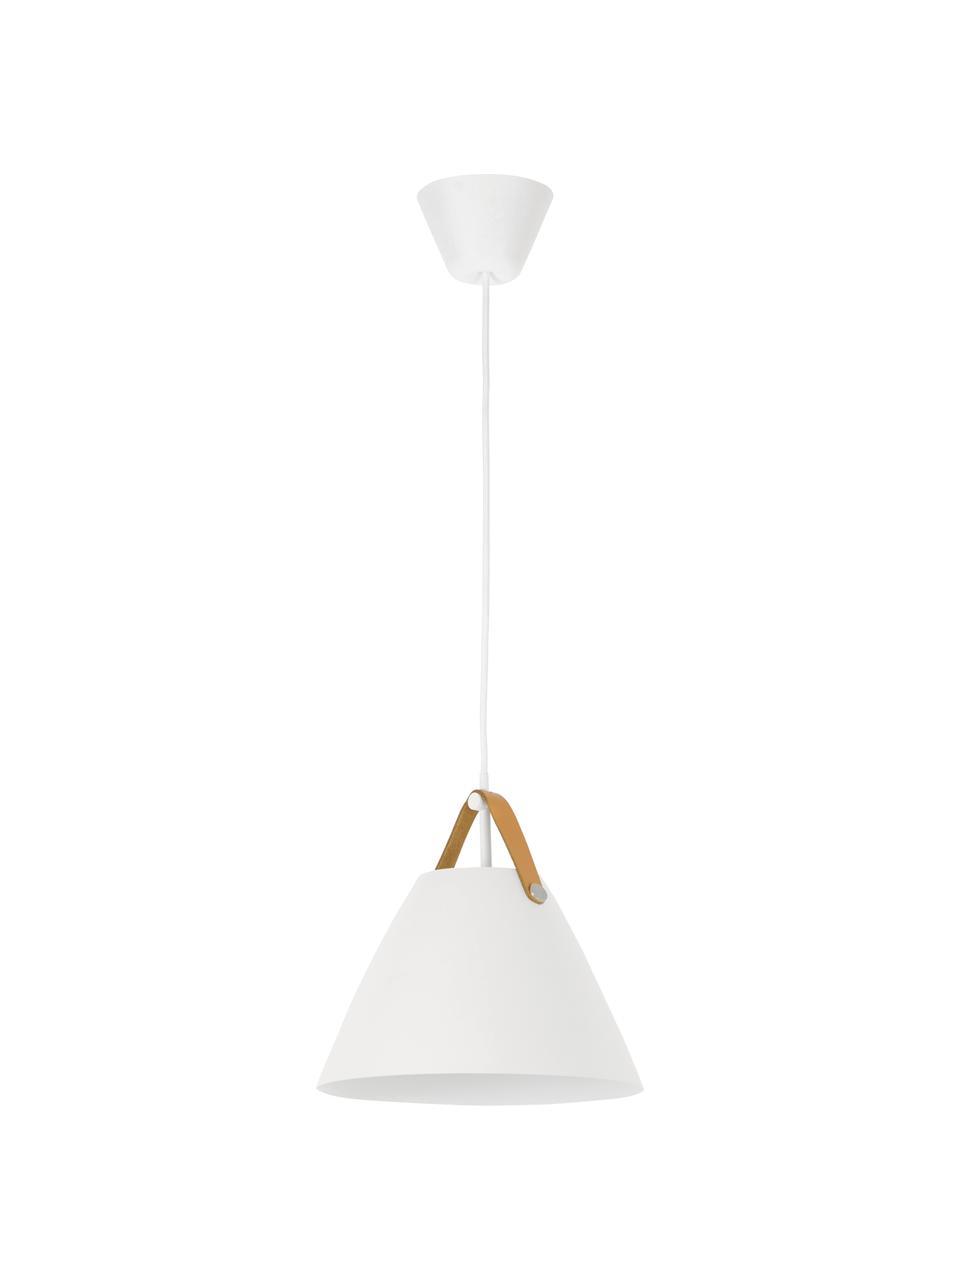 Lampa wisząca ze skórzanym paskiem Strap, Biały, Ø 36 cm x W 35 cm